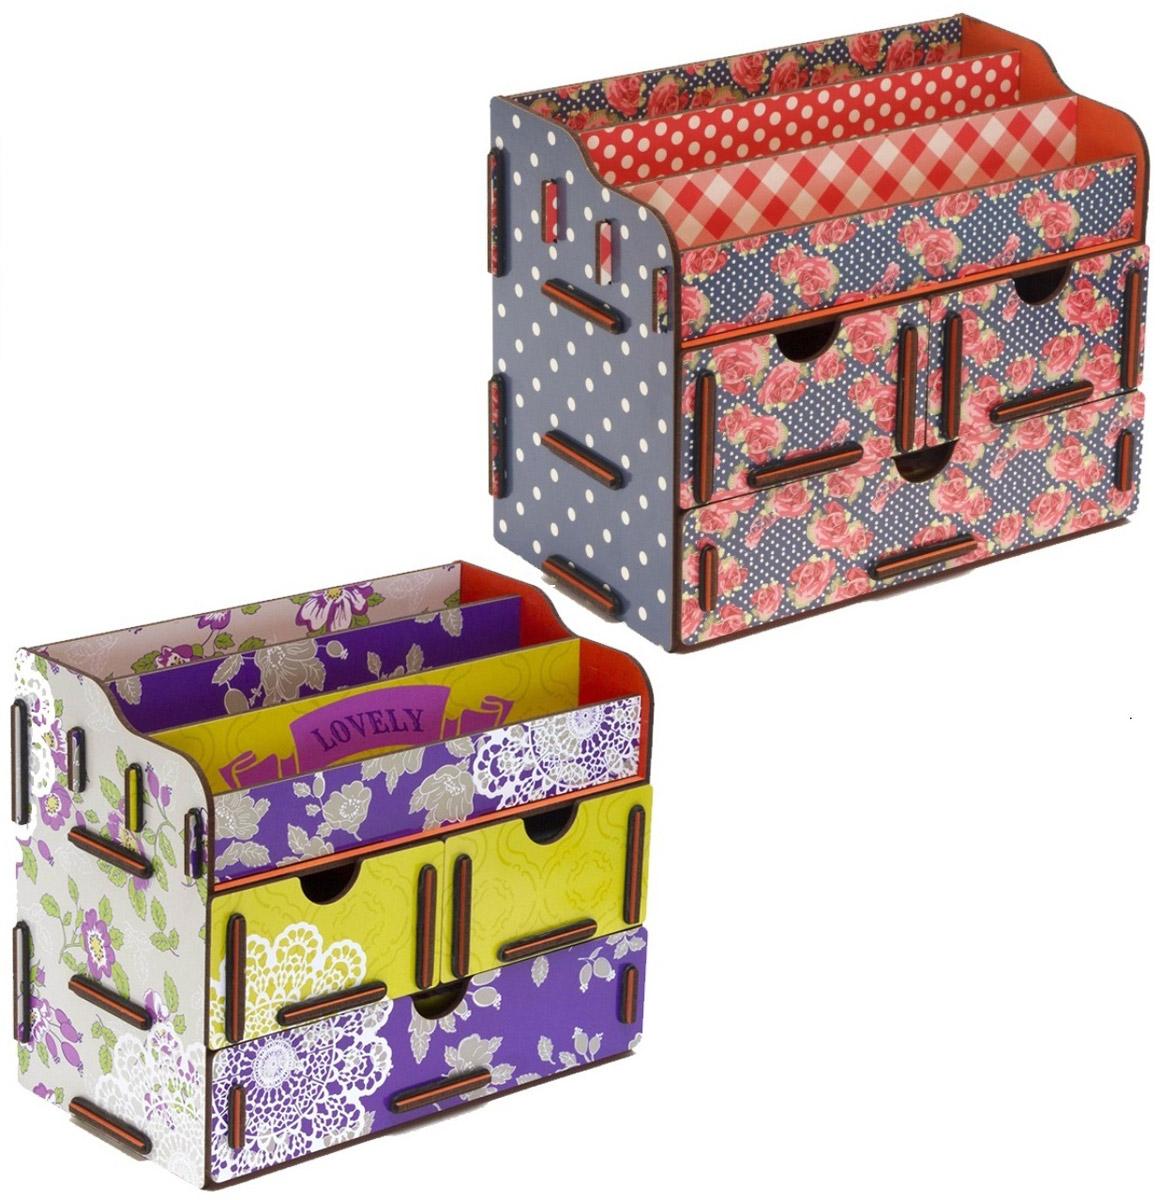 Набор шкатулок Homsu Благоухание лепестков, для украшений, 2 штFS-80418Этот комплект из оригинальных сундучков имеет множество полочек сверху для хранения косметики, парфюмерии и аксессуаров, а также два маленьких ящичка размером 11см на 14,5см и один большой ящик размером 22см на 14,5см, которые позволят разместить в них все самое необходимое и сокровенное для каждой женщины. Шкатулочки можно поставить на стол, они станут отличным дополнением интерьера. 240х140х190; 240х140х190